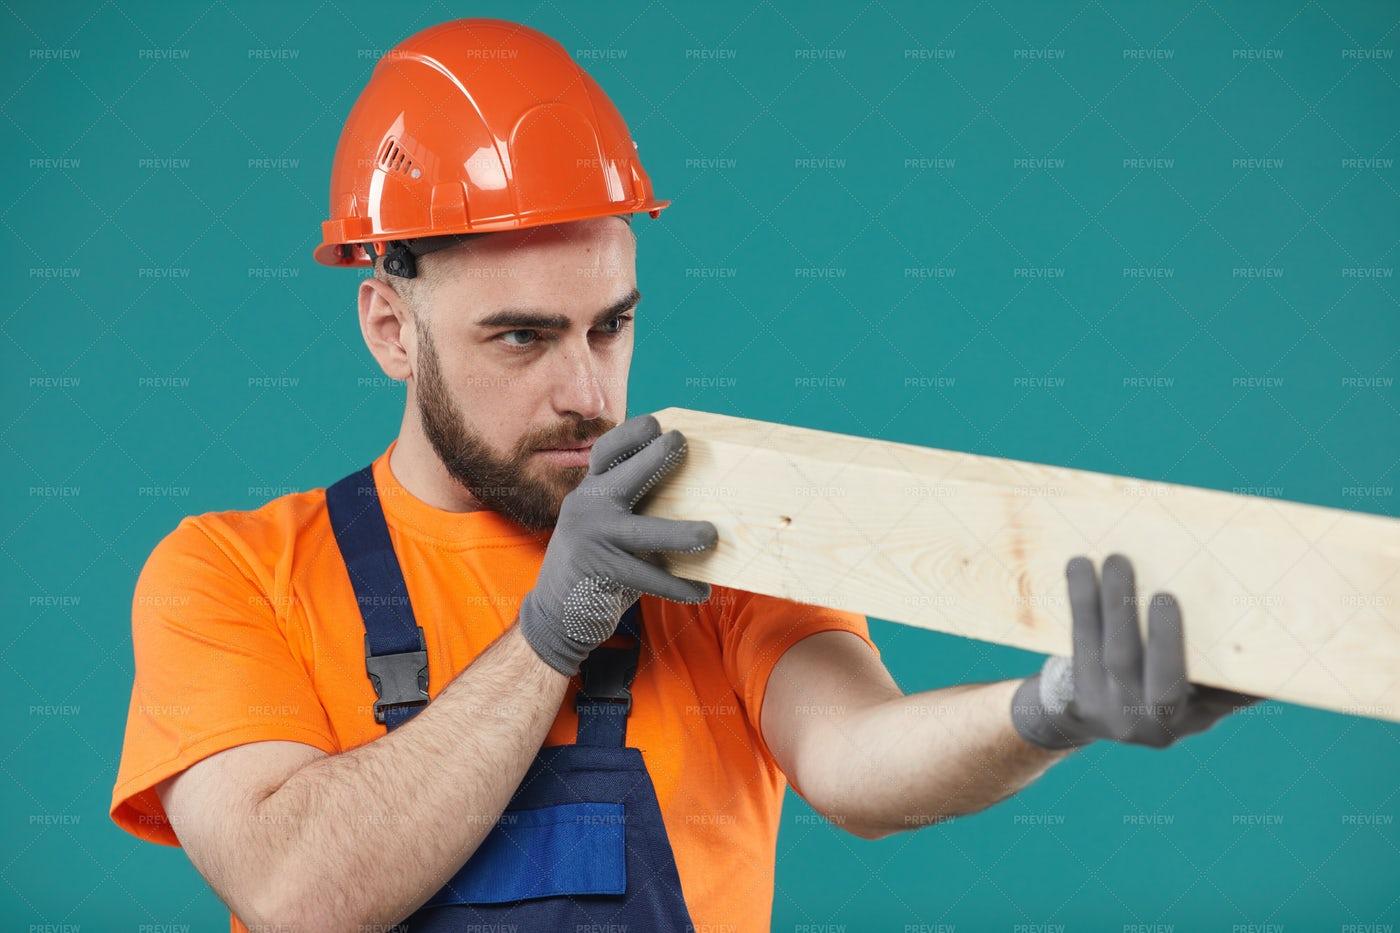 Carpenter Checking Wooden Plank...: Stock Photos